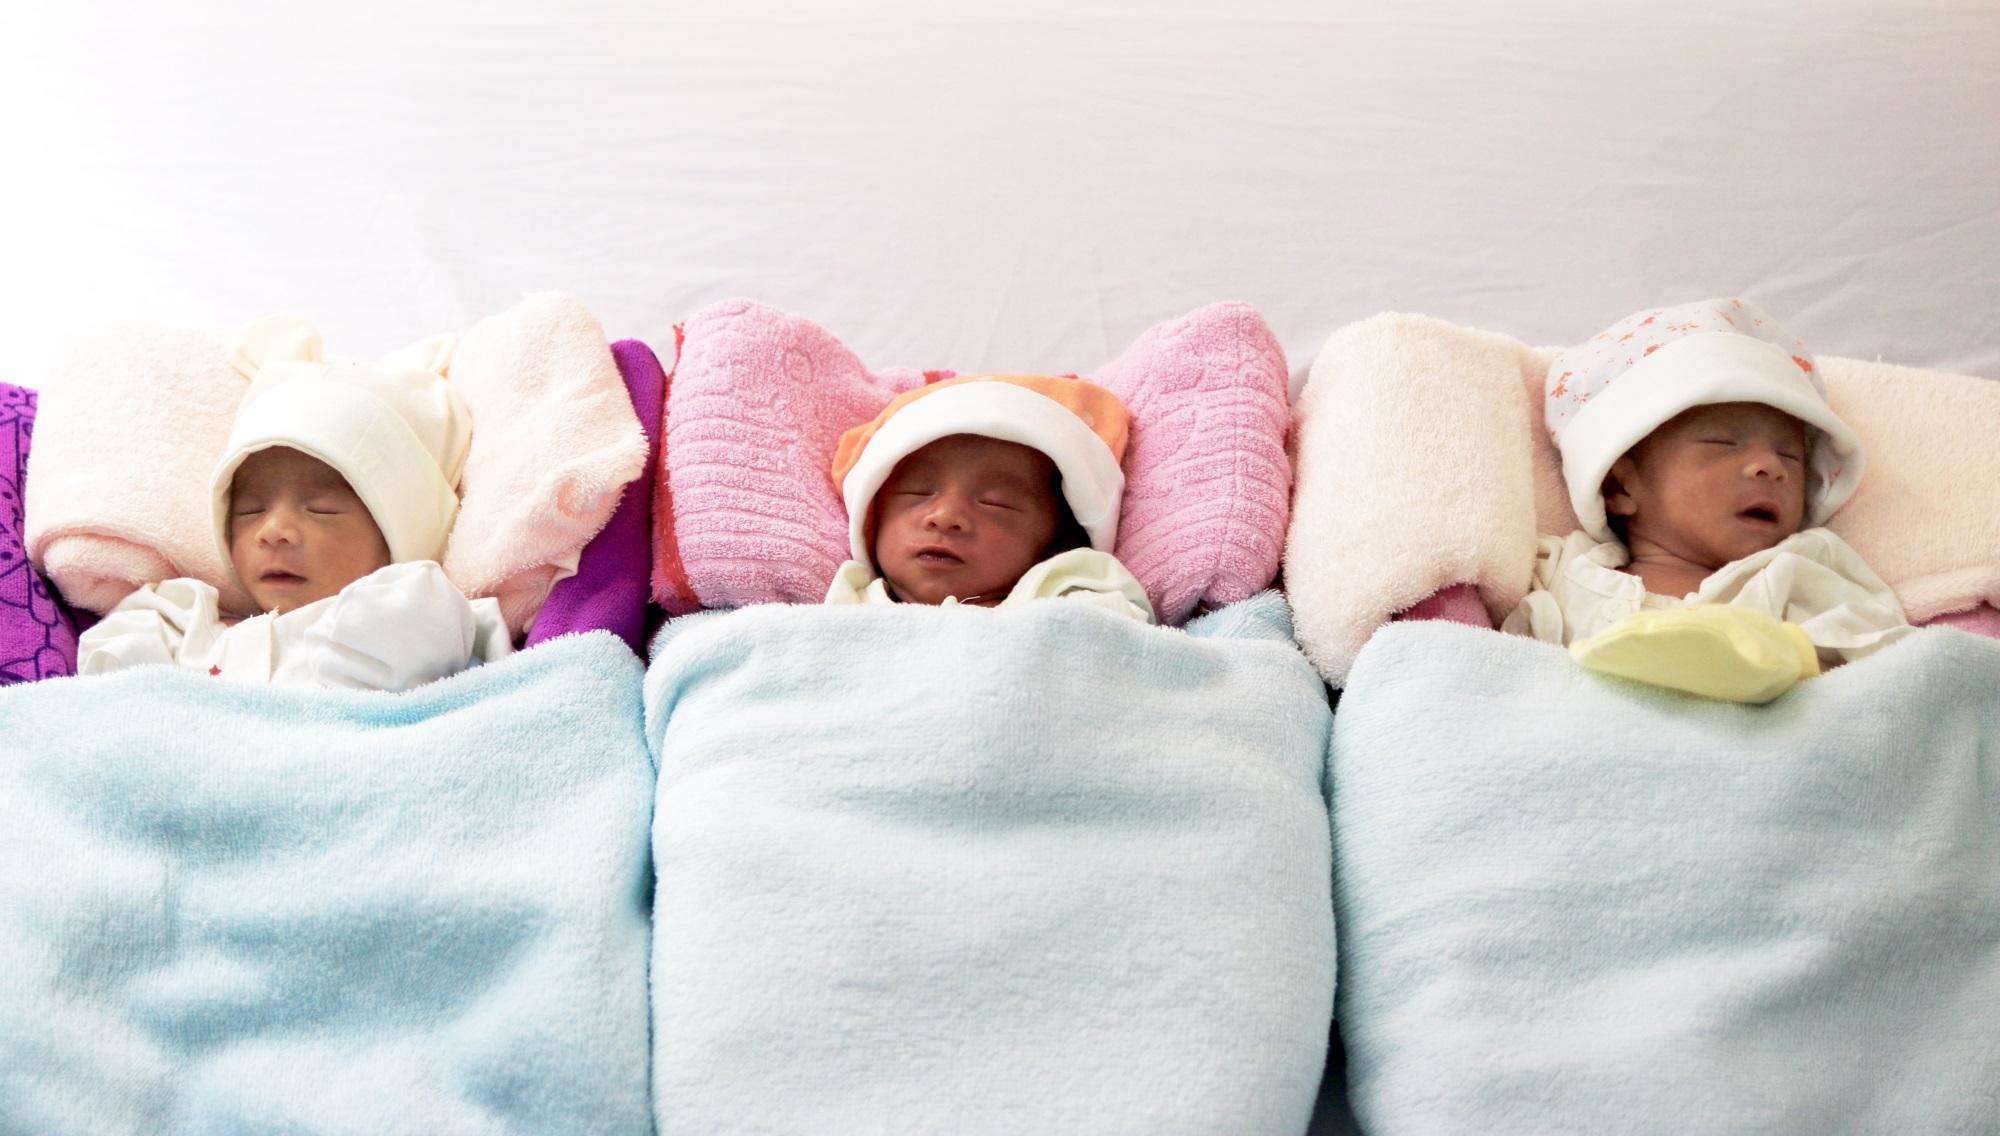 Cấp cứu thành công sản phụ 35 tuần suy thai, 3 bé sơ sinh chào đời an toàn - Ảnh 2